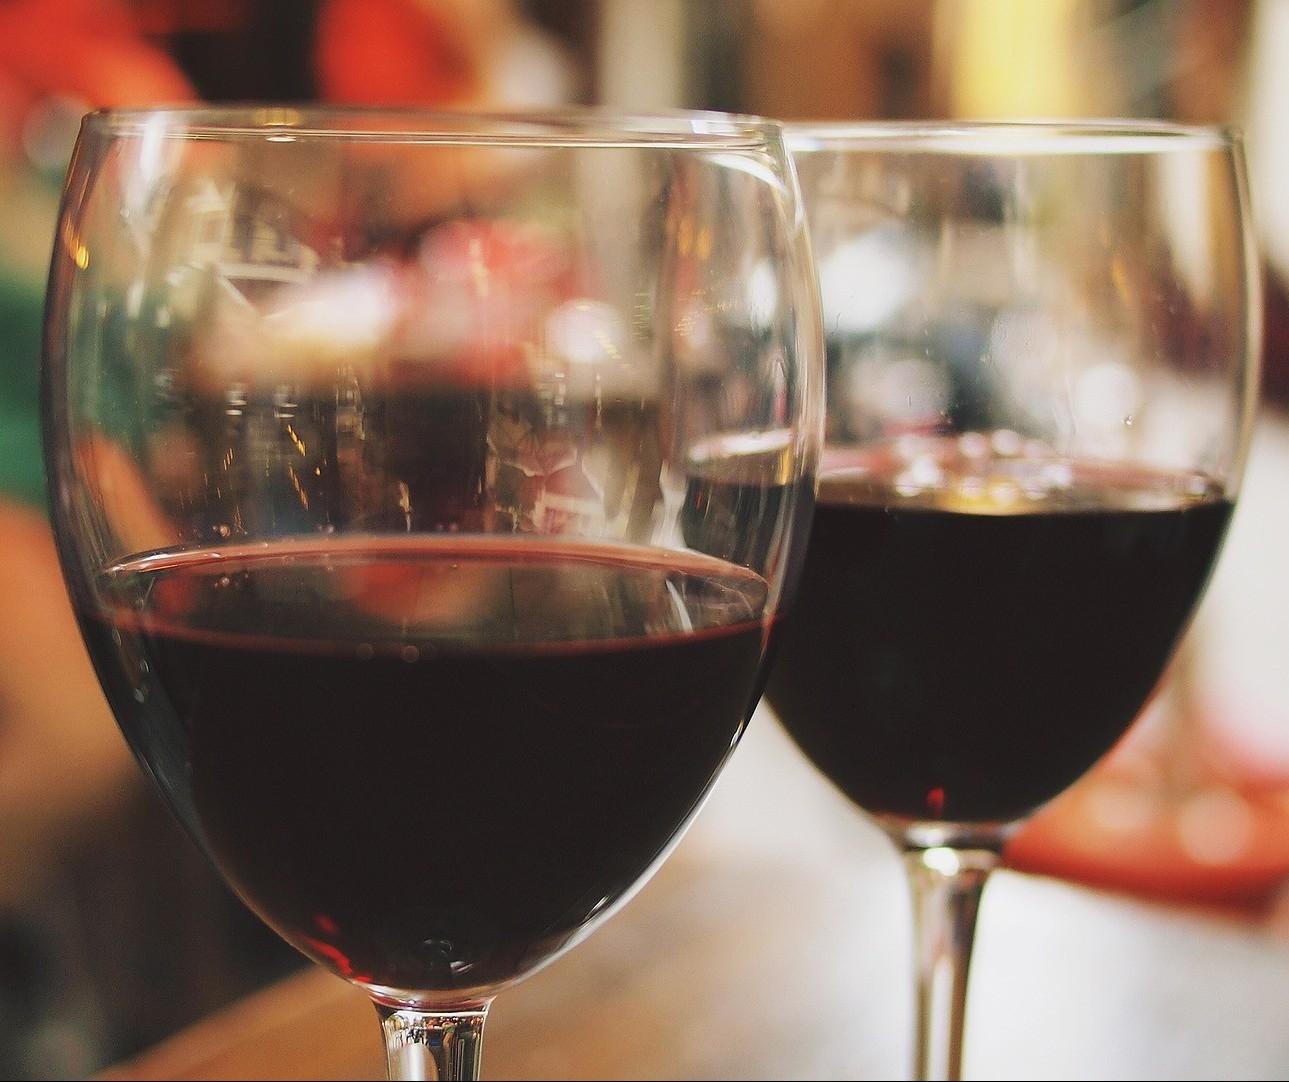 Saborear um vinho envolve visão, olfato, tato e paladar